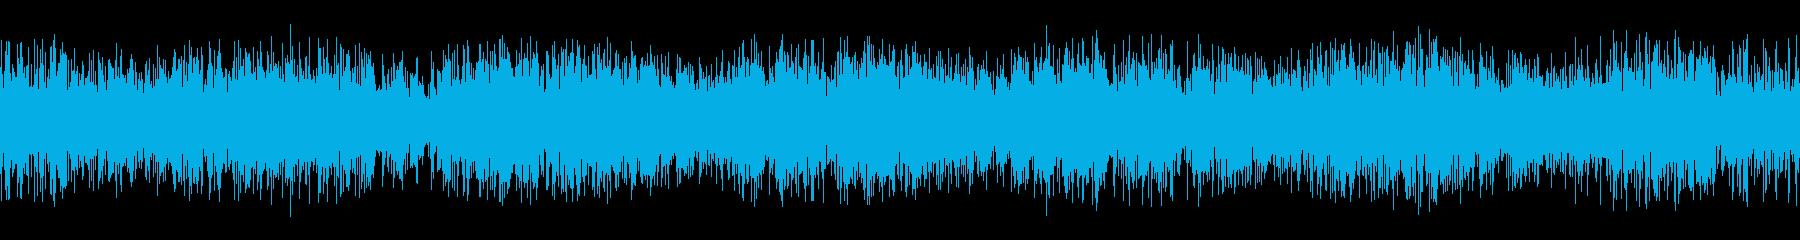 特殊効果で巻き戻された加工テープの再生済みの波形